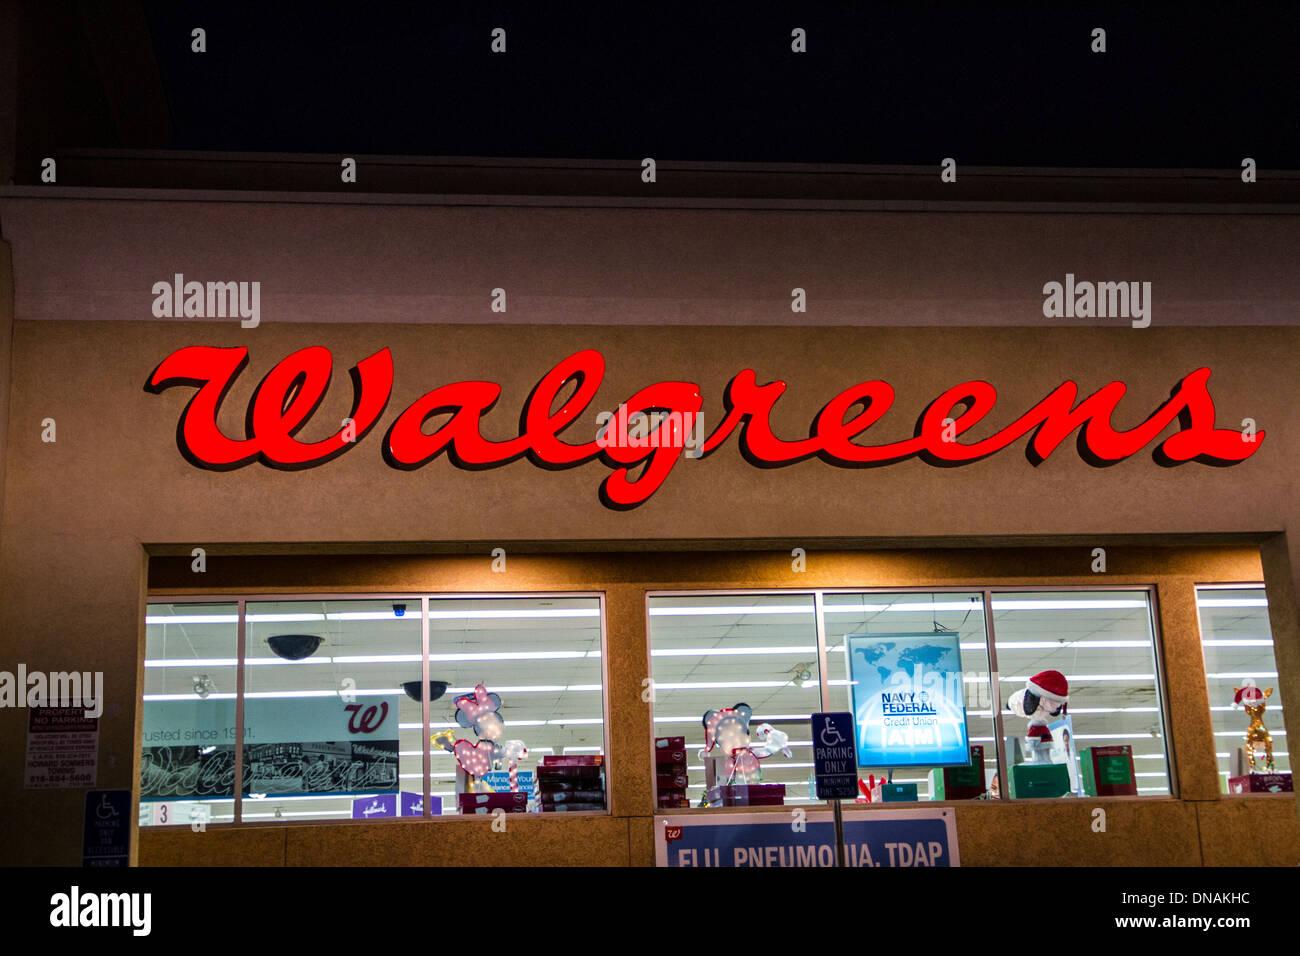 Walgreens Pharmacy Stock Photos & Walgreens Pharmacy Stock